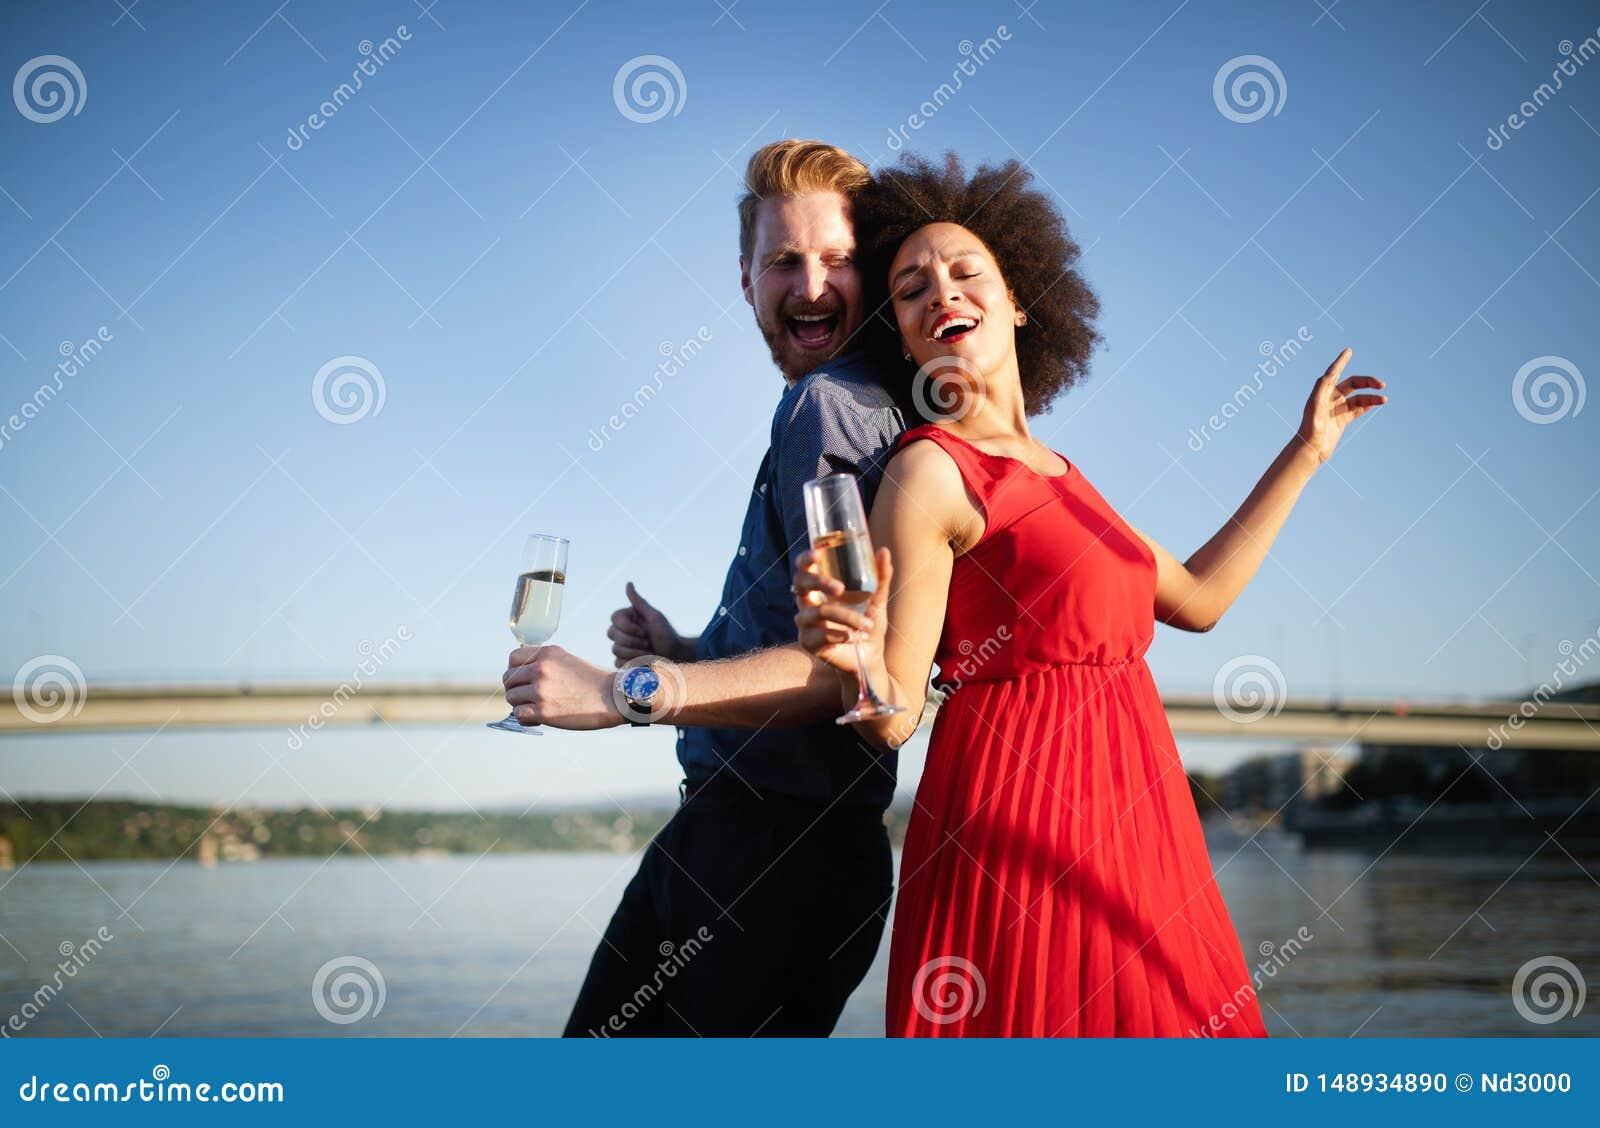 Gelukkig glimlachend paar in en liefde die dansen flirten